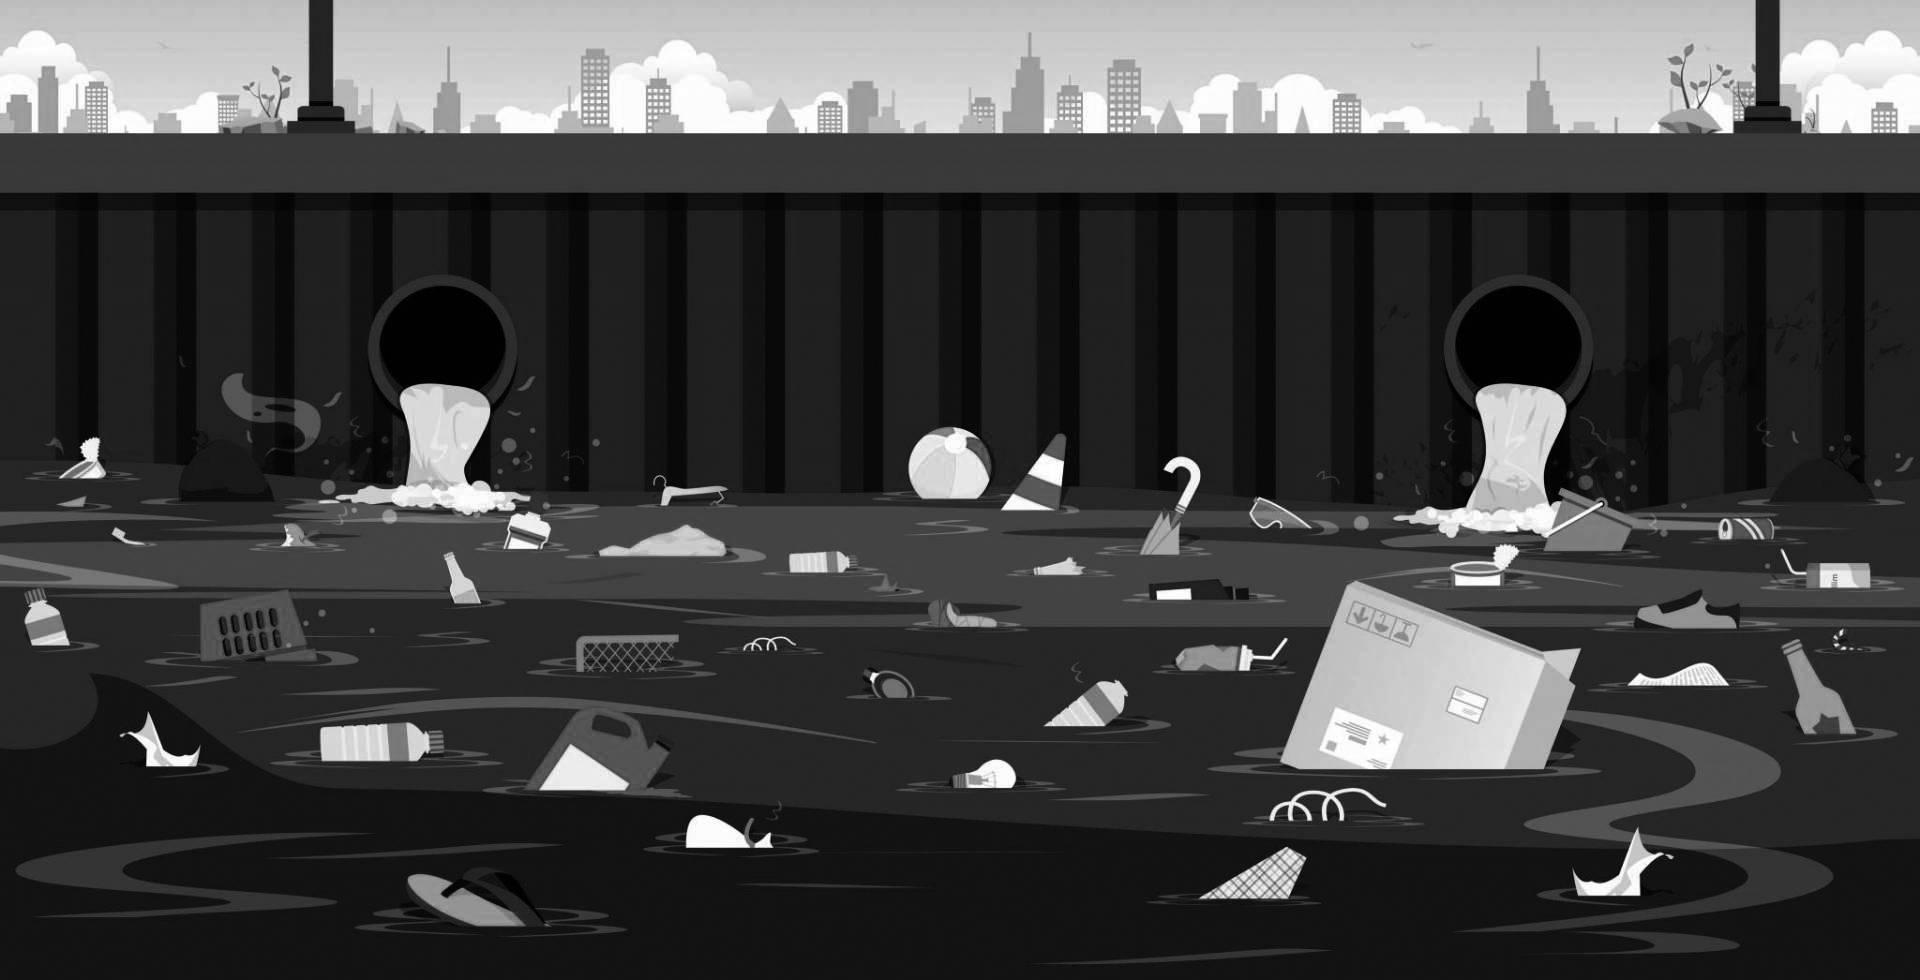 تلوث المياه يحرم العالم من ثلث نموه الاقتصادي